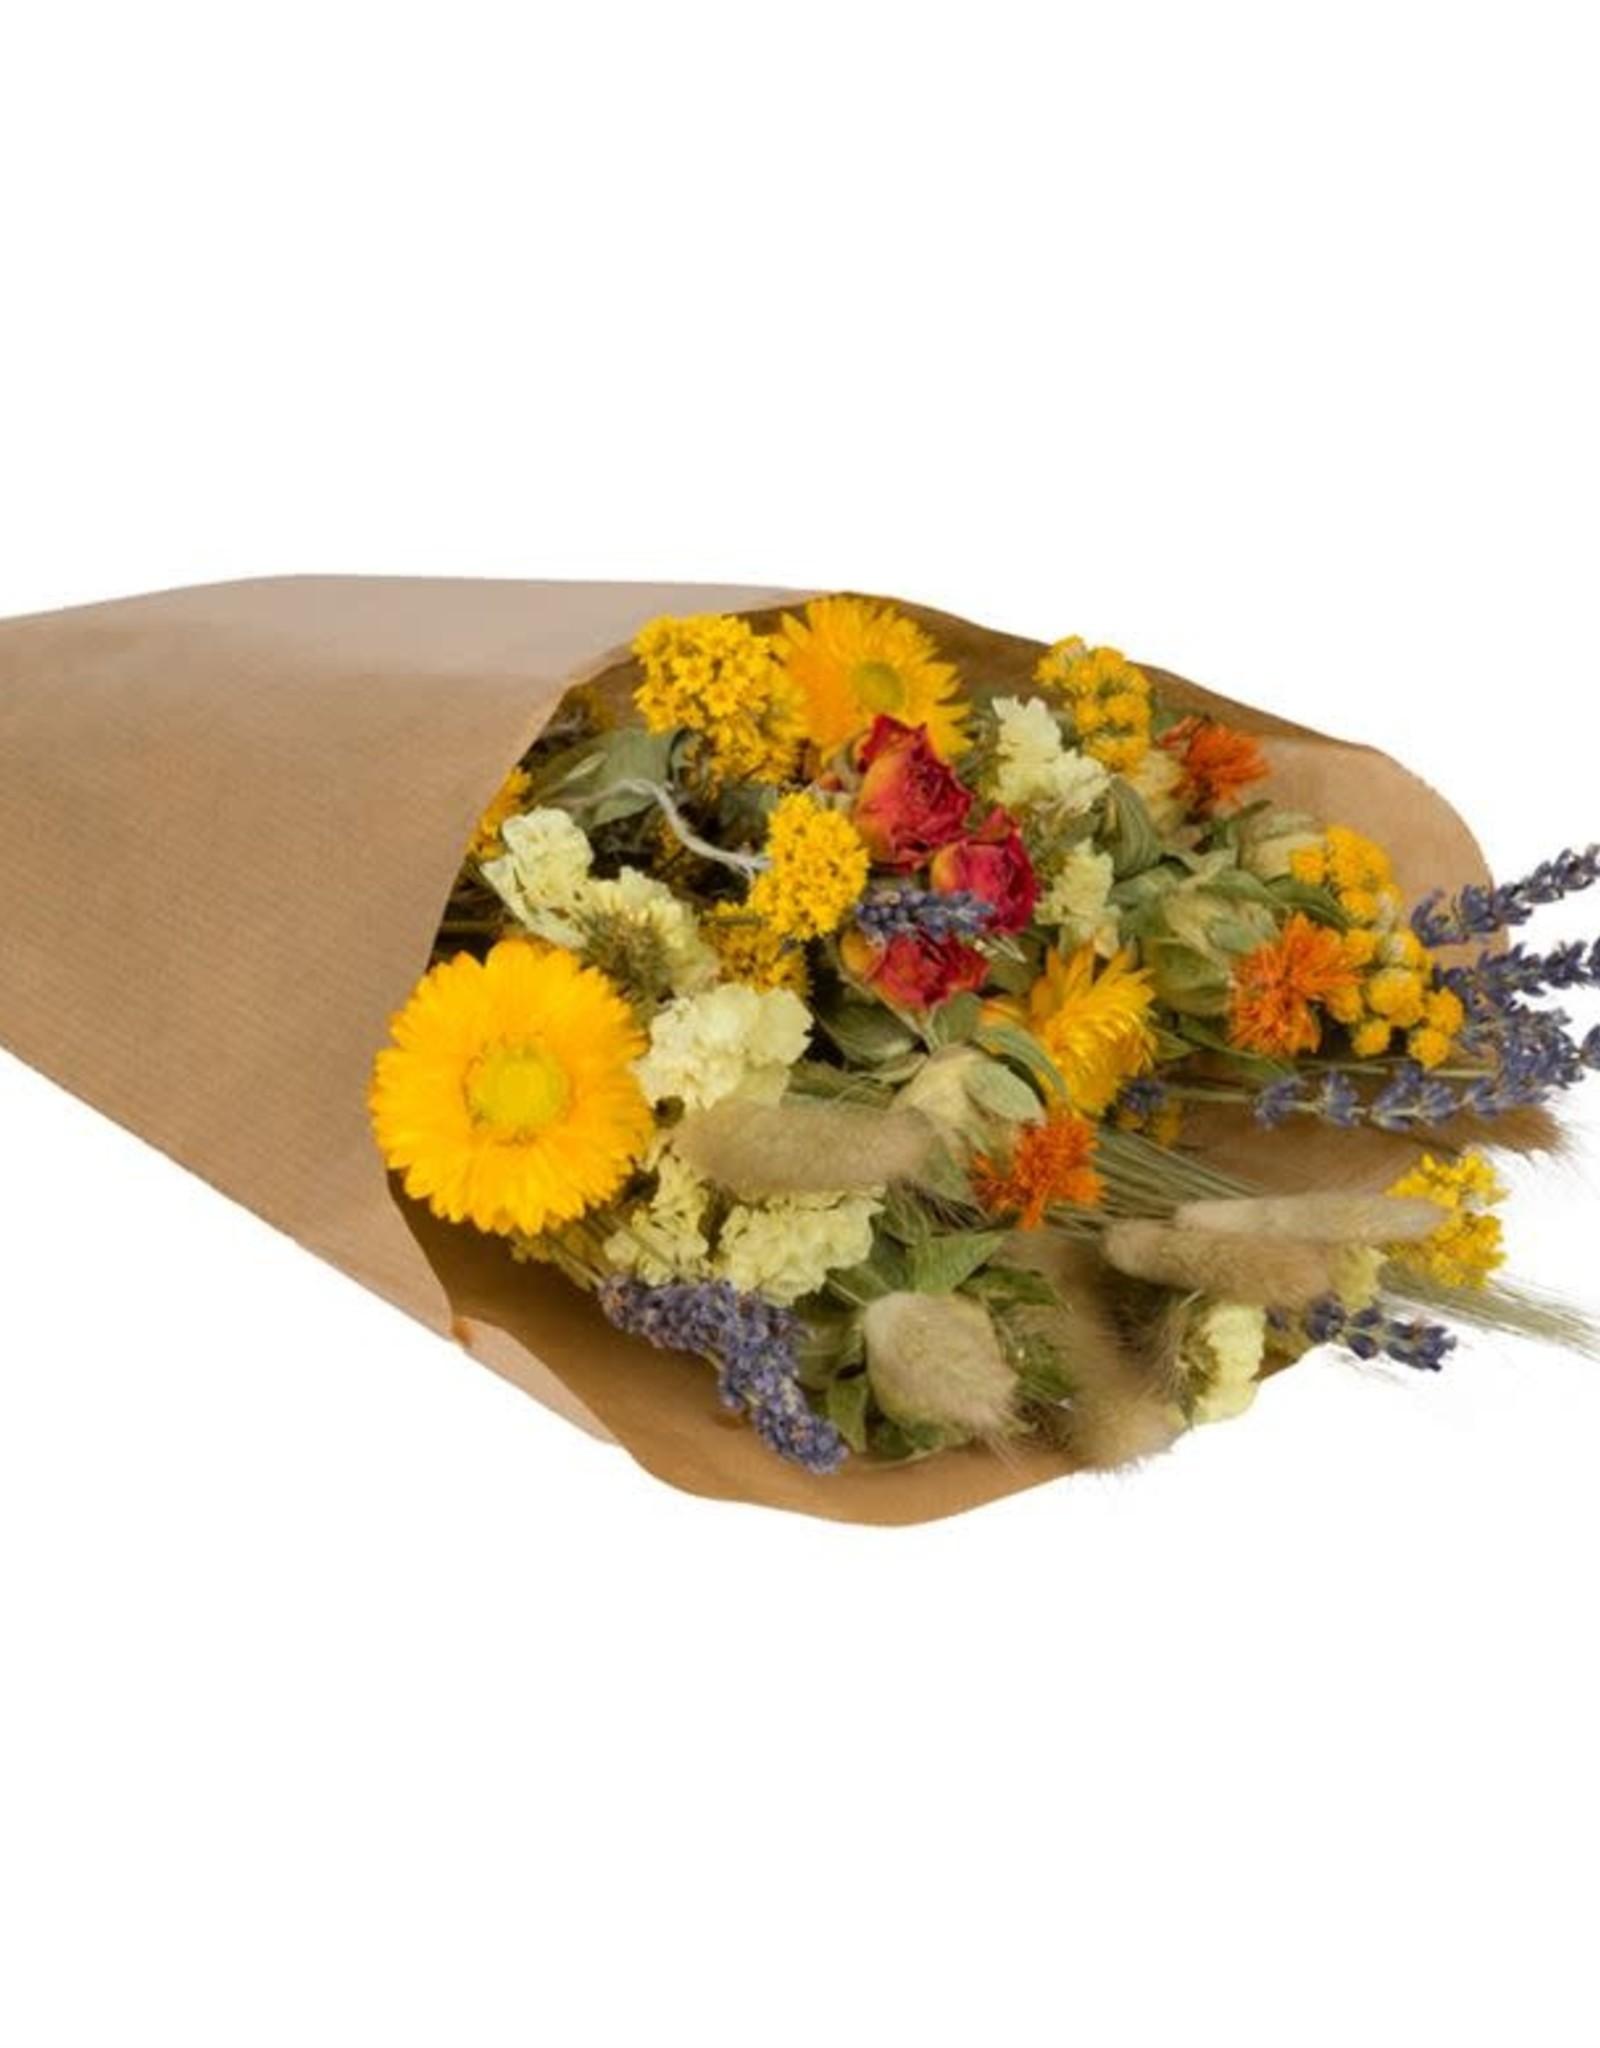 Wildflowers by floriëtte Wild Flowers by Floriëtte: droogbloemen field bouquet S orange